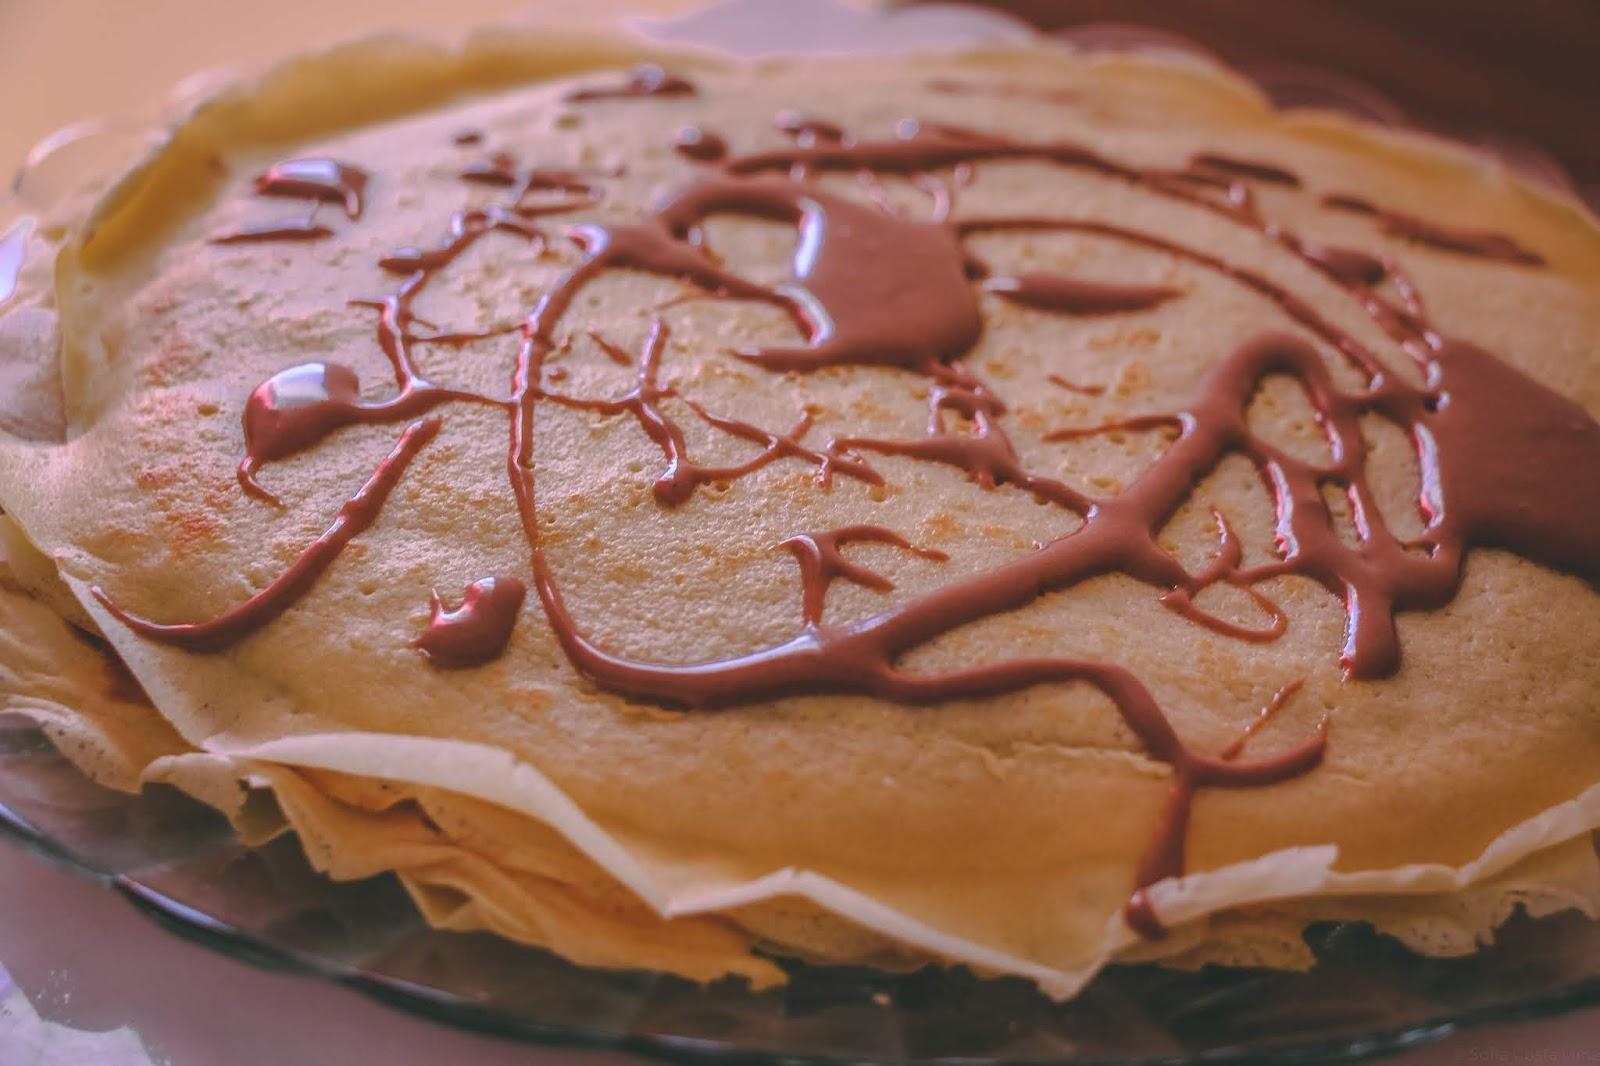 #masterchefcádosítio versão World Nutella Day - Bolo de Crepes com Nutella